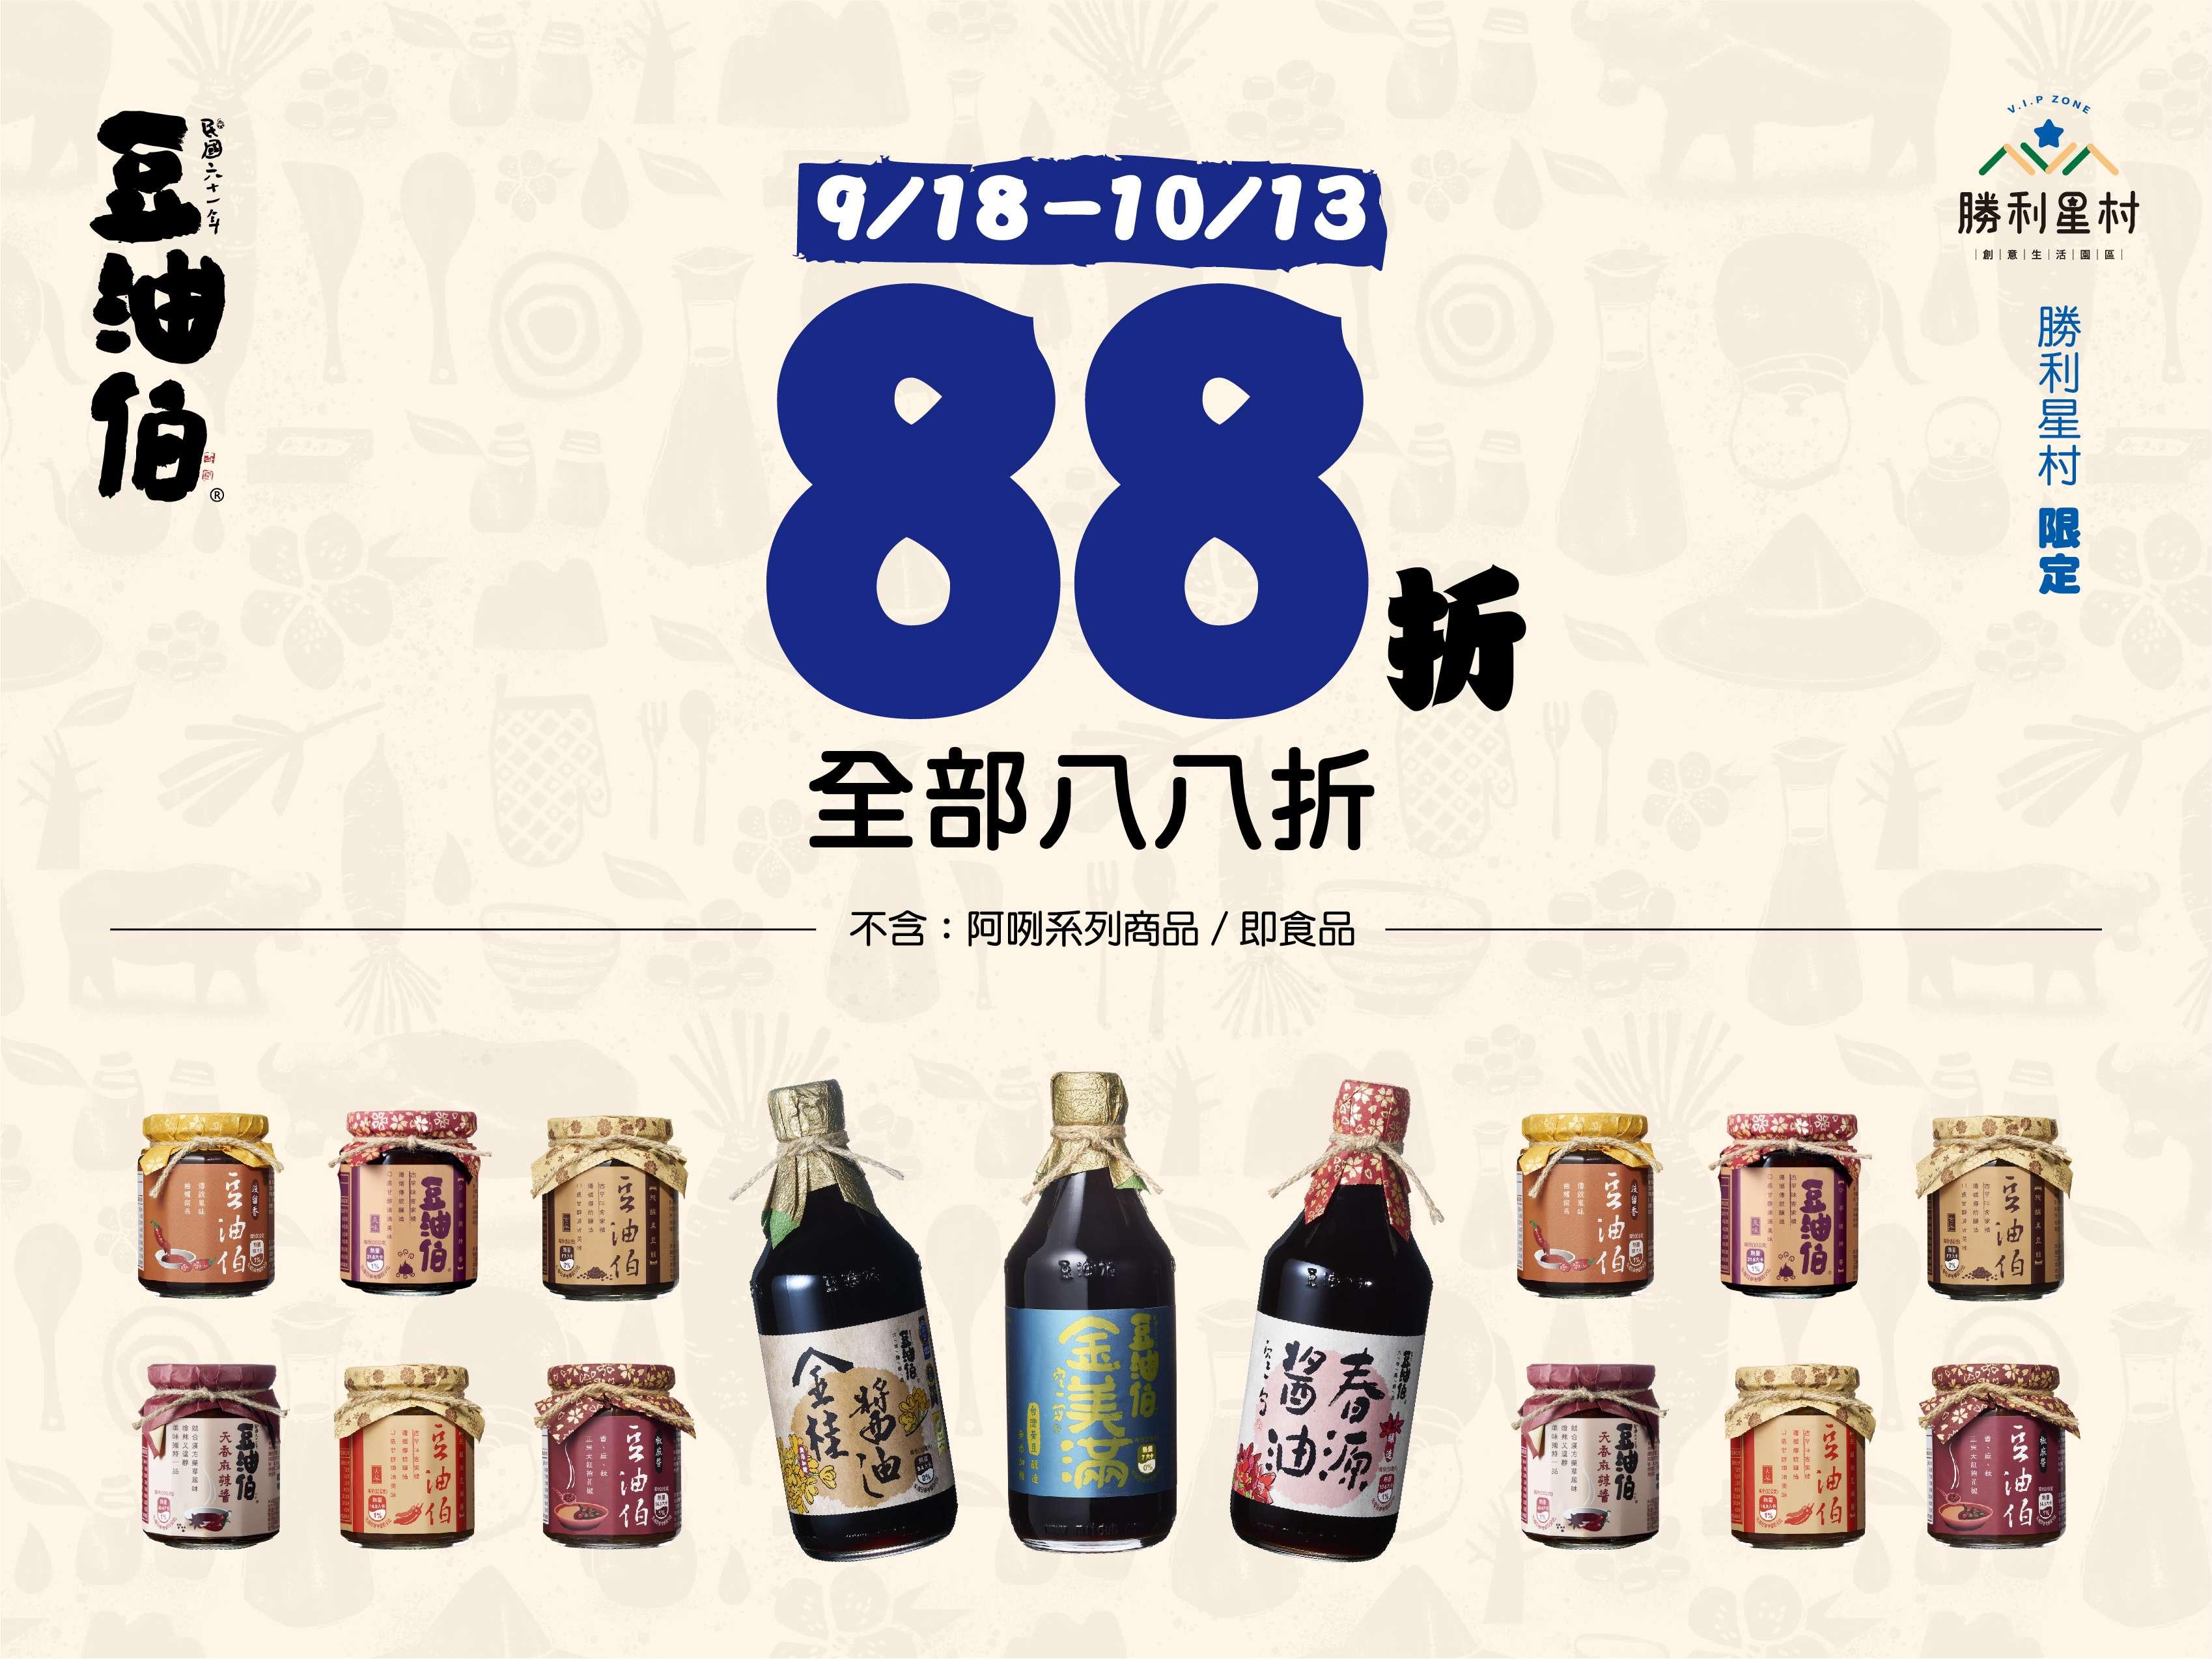 【豆油伯 勝利星村文化體驗館】試營運!10/20正式開幕